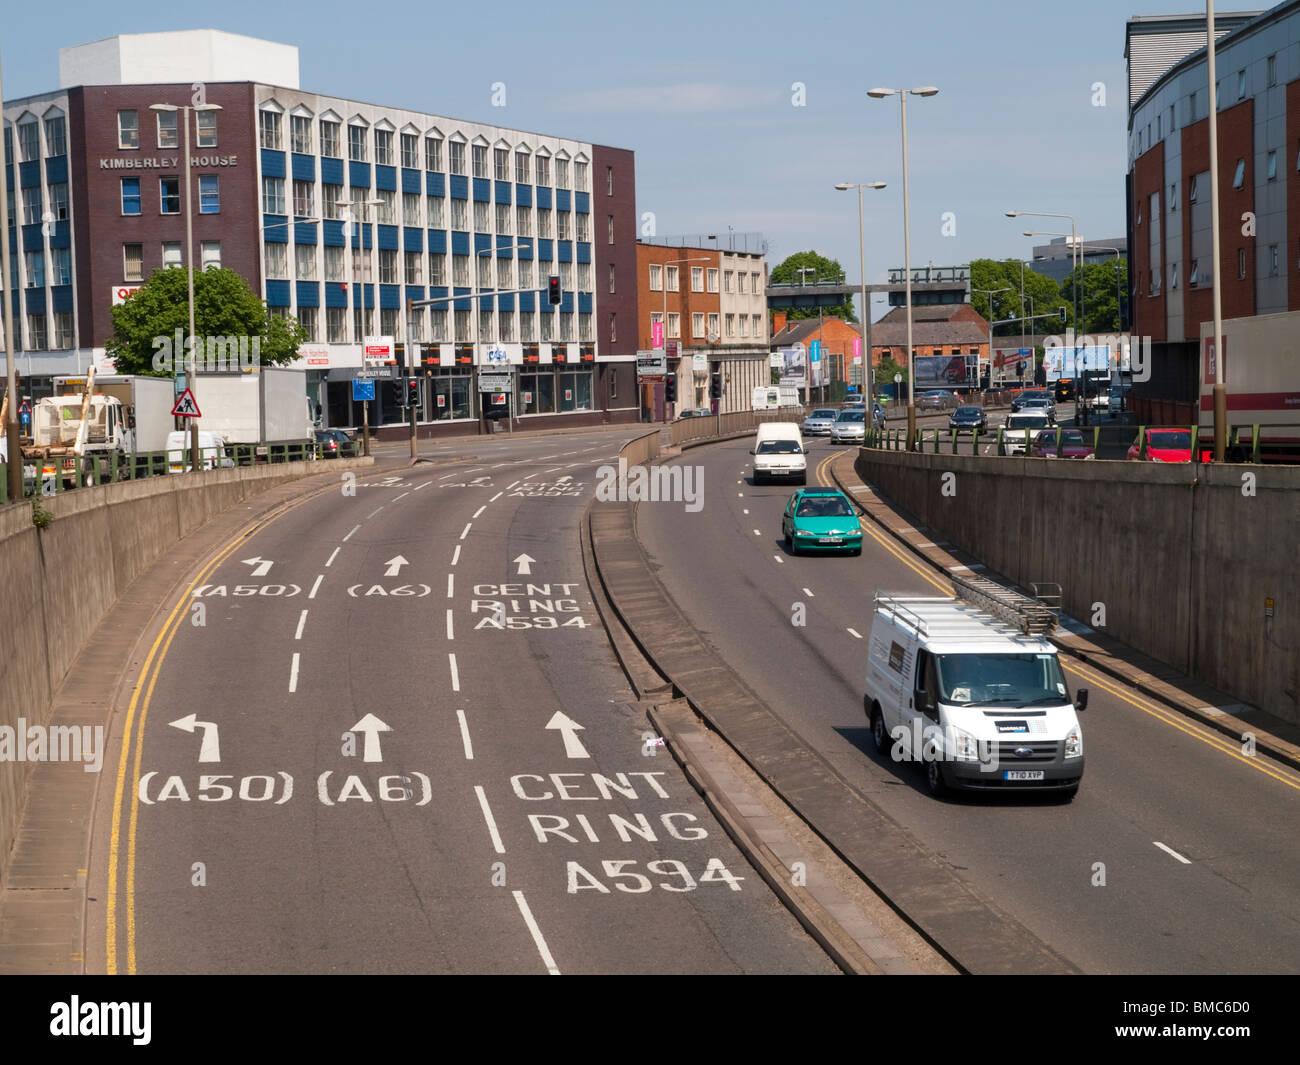 Vaughan forma en el centro de la ciudad de Leicester, Inglaterra Foto de stock